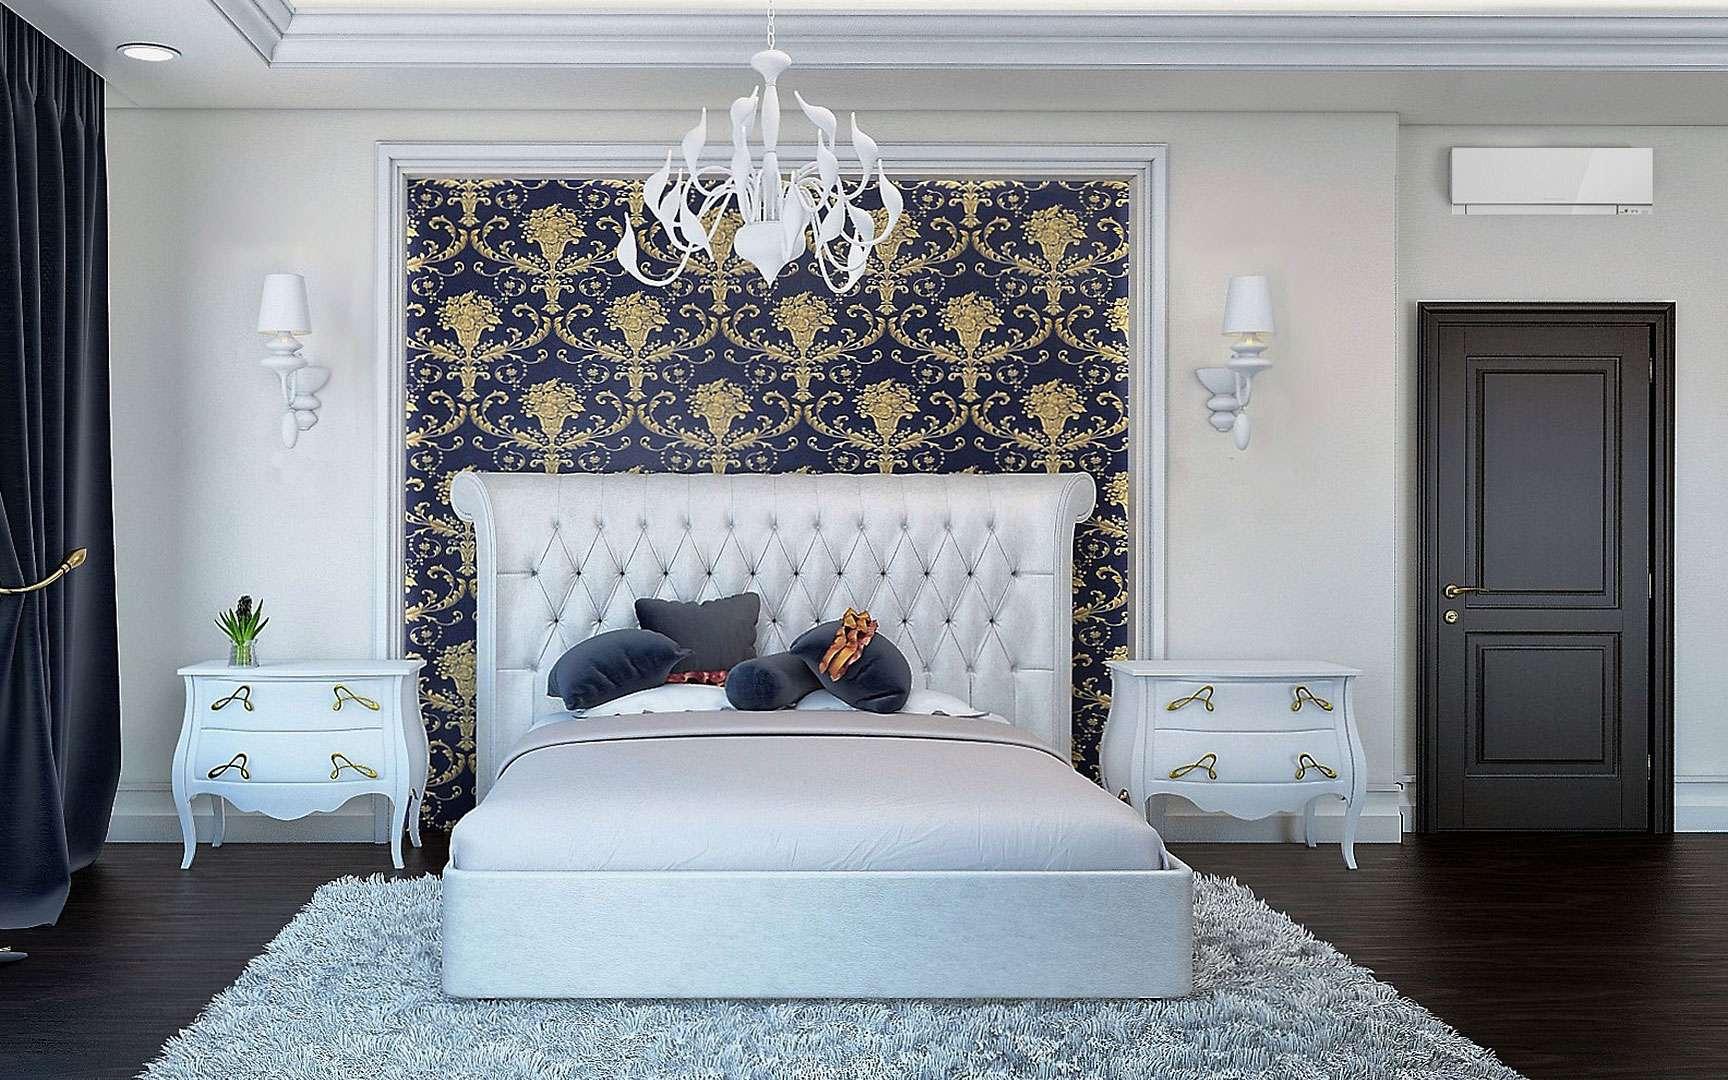 On a coutume de dire que la tête de lit est l'un des principaux éléments de décoration d'une chambre à coucher. Et c'est plus que jamais le cas ici. Une tête de lit capitonnée doublée de motifs princiers dorés sur fond bleu roi pour un style baroque. Le tapis à poils longs — et aux indispensables reflets argentés — ajoute à l'élégance du lieu tout en lui assurant une touche chaleureuse. Il sera assurément difficile à entretenir — si vous n'investissez pas dans un râteau à tapis —, mais quel plaisir d'y poser ses pieds nus au petit matin… © VABo2040, Pixabay, CC0 Creative Commons